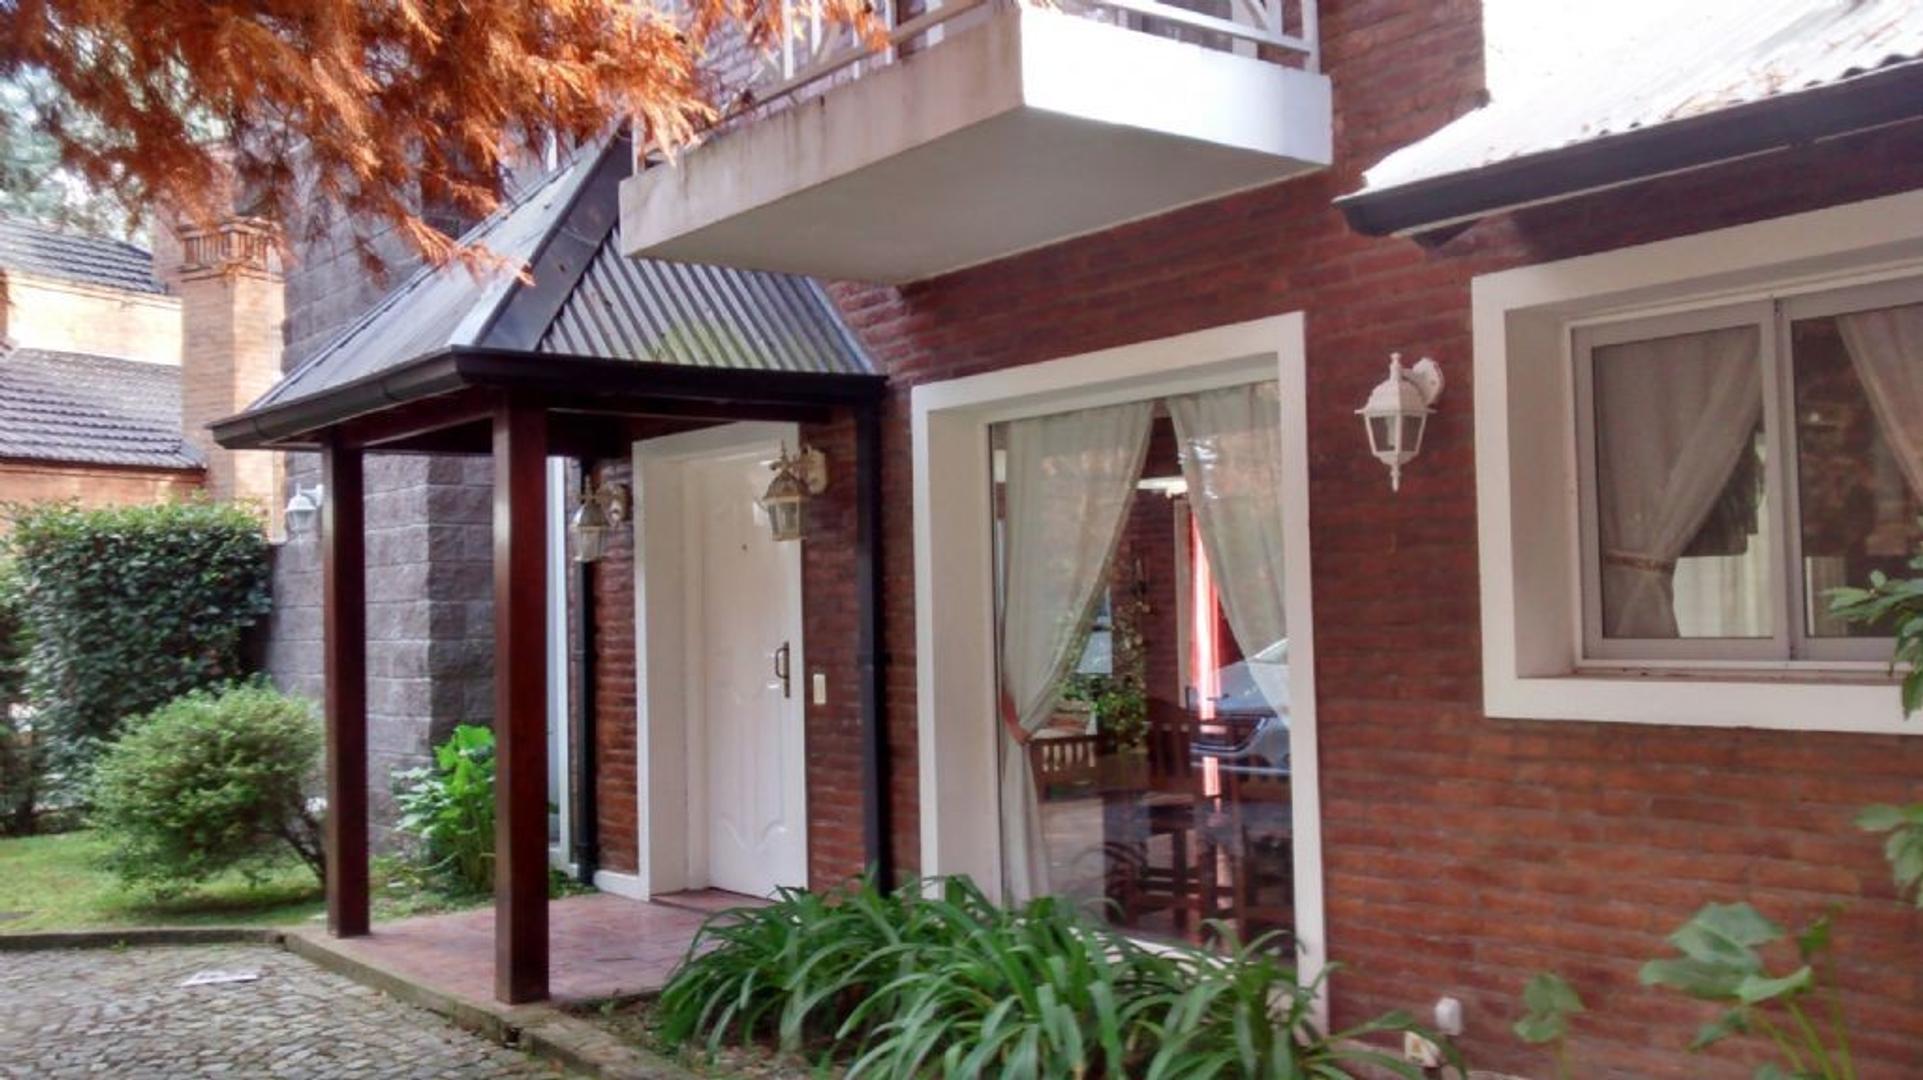 Casa en Venta  C.C. Banco Provincia, Zona Oeste - OES0757_LP111369_1